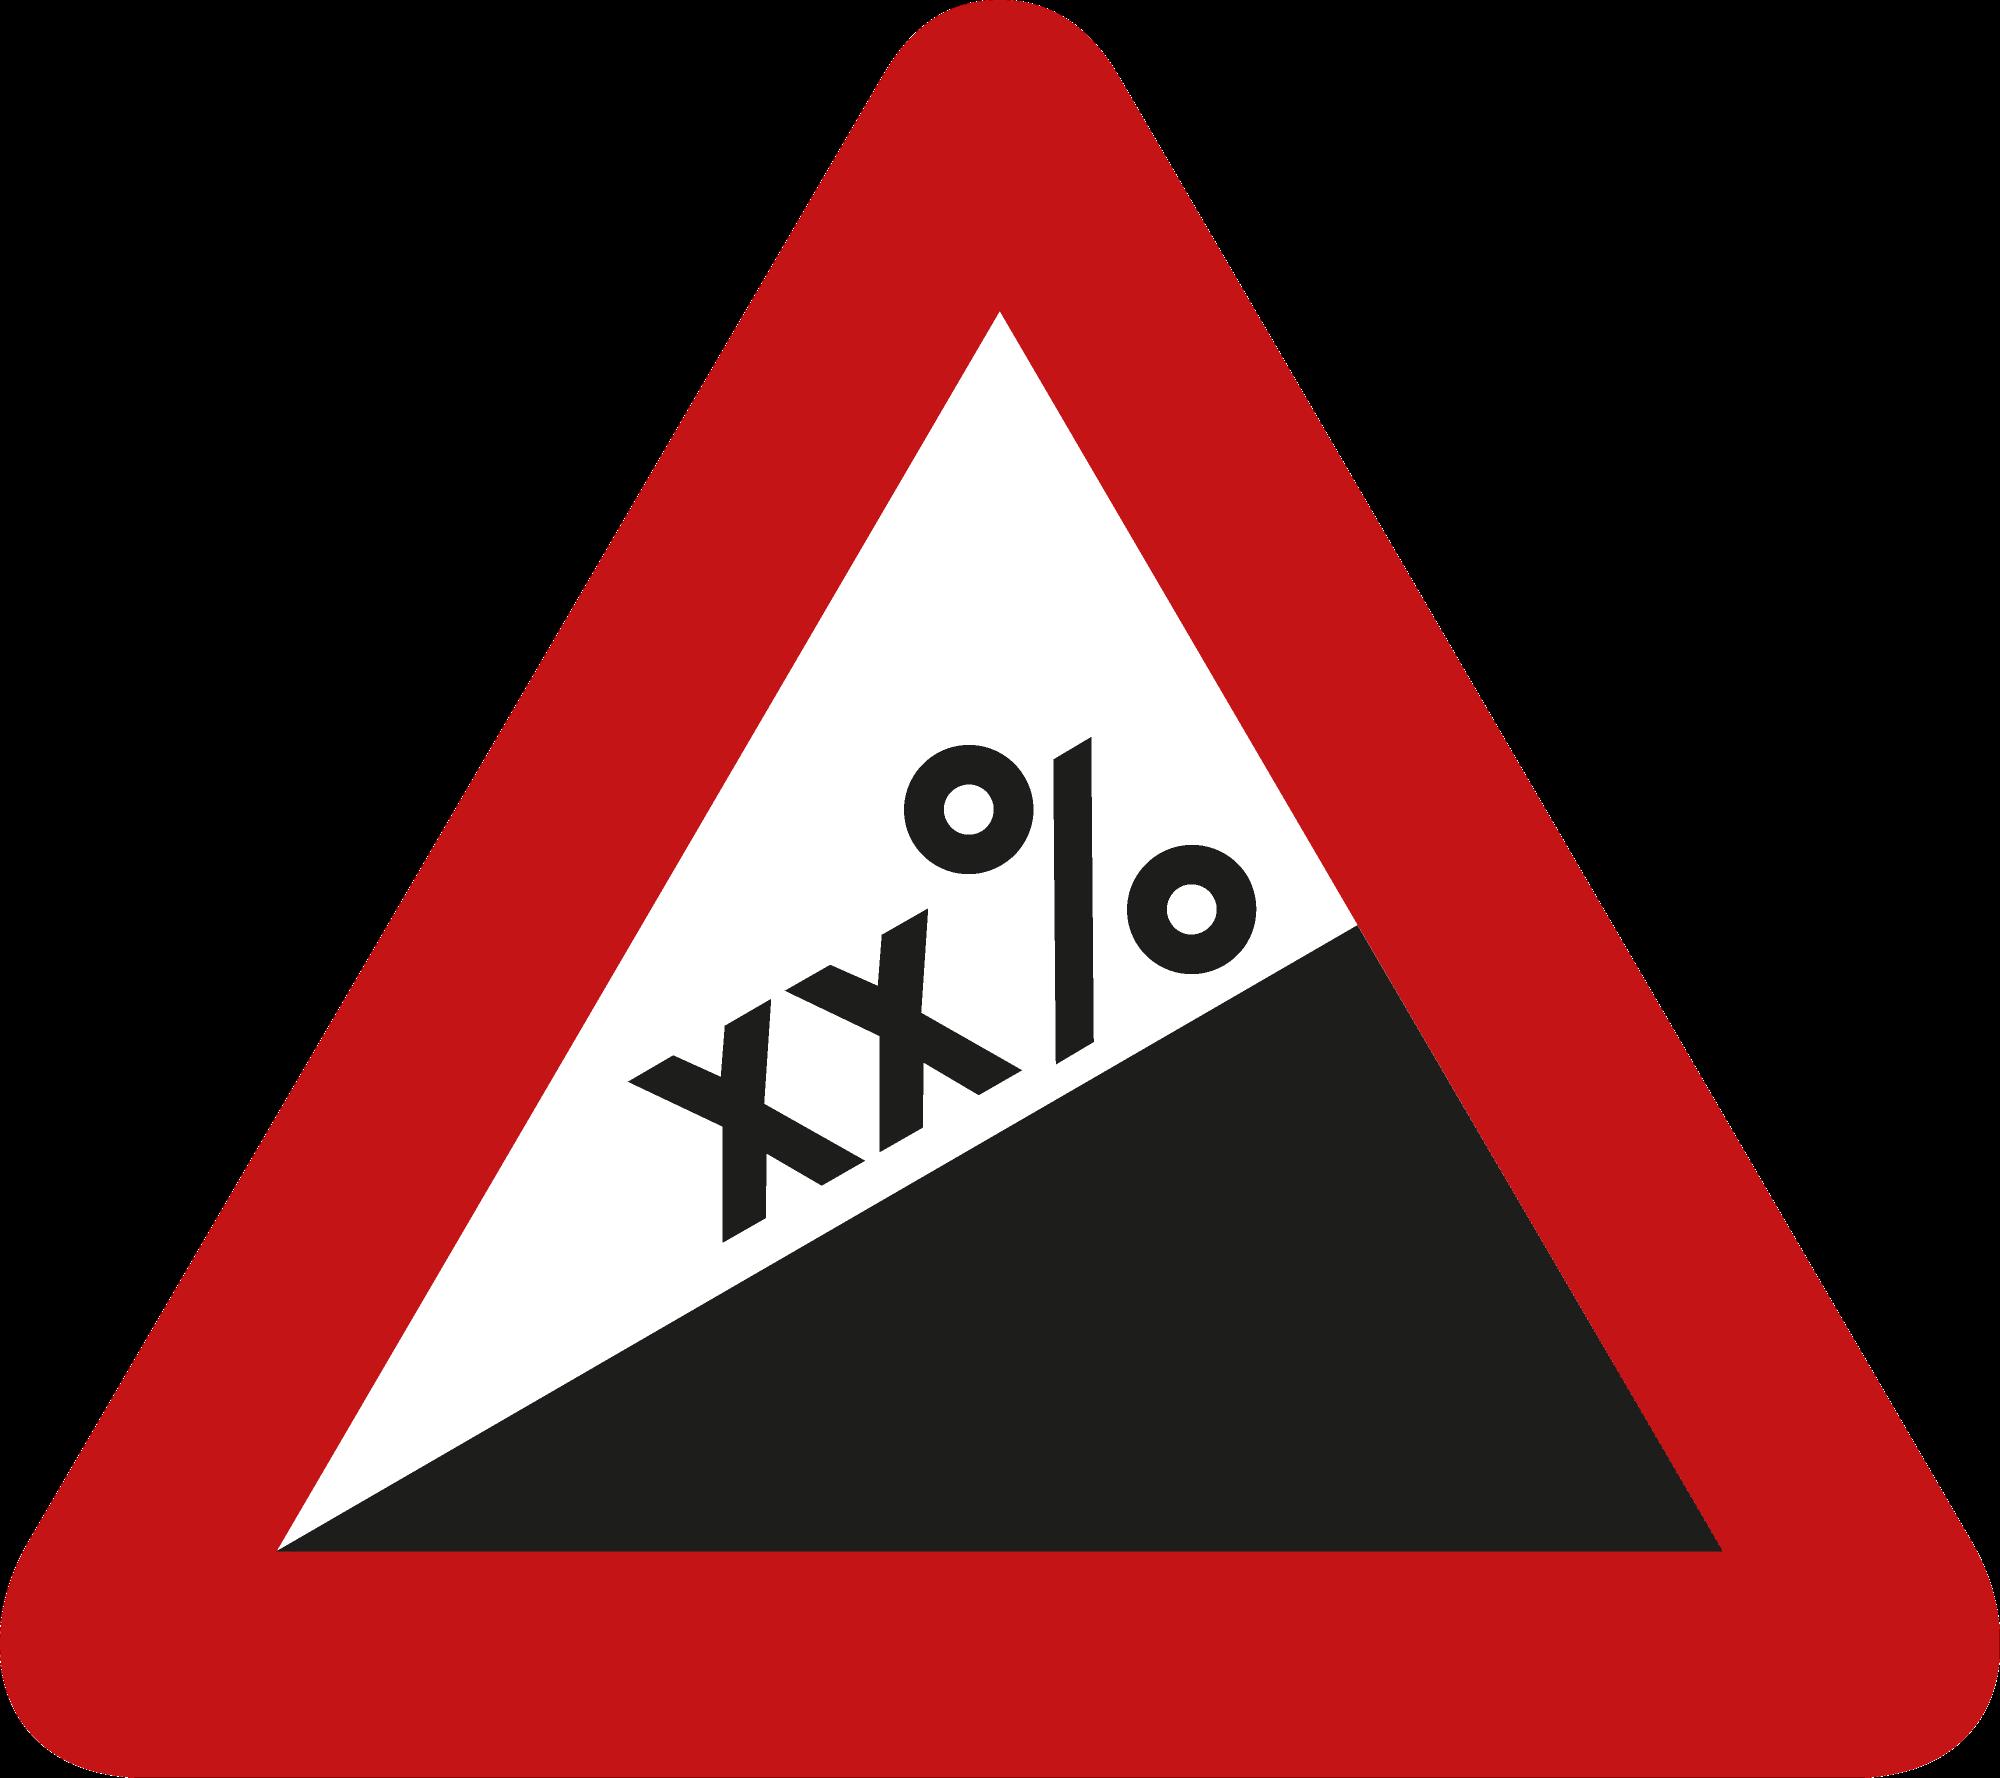 Signface - A5 - klasse  I - zijde 400 mm